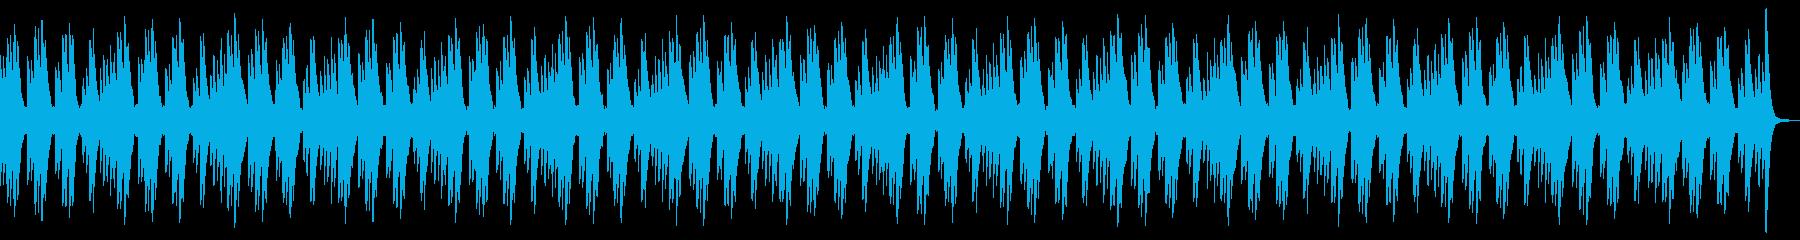 ヒーリング・リラックス・癒しの再生済みの波形